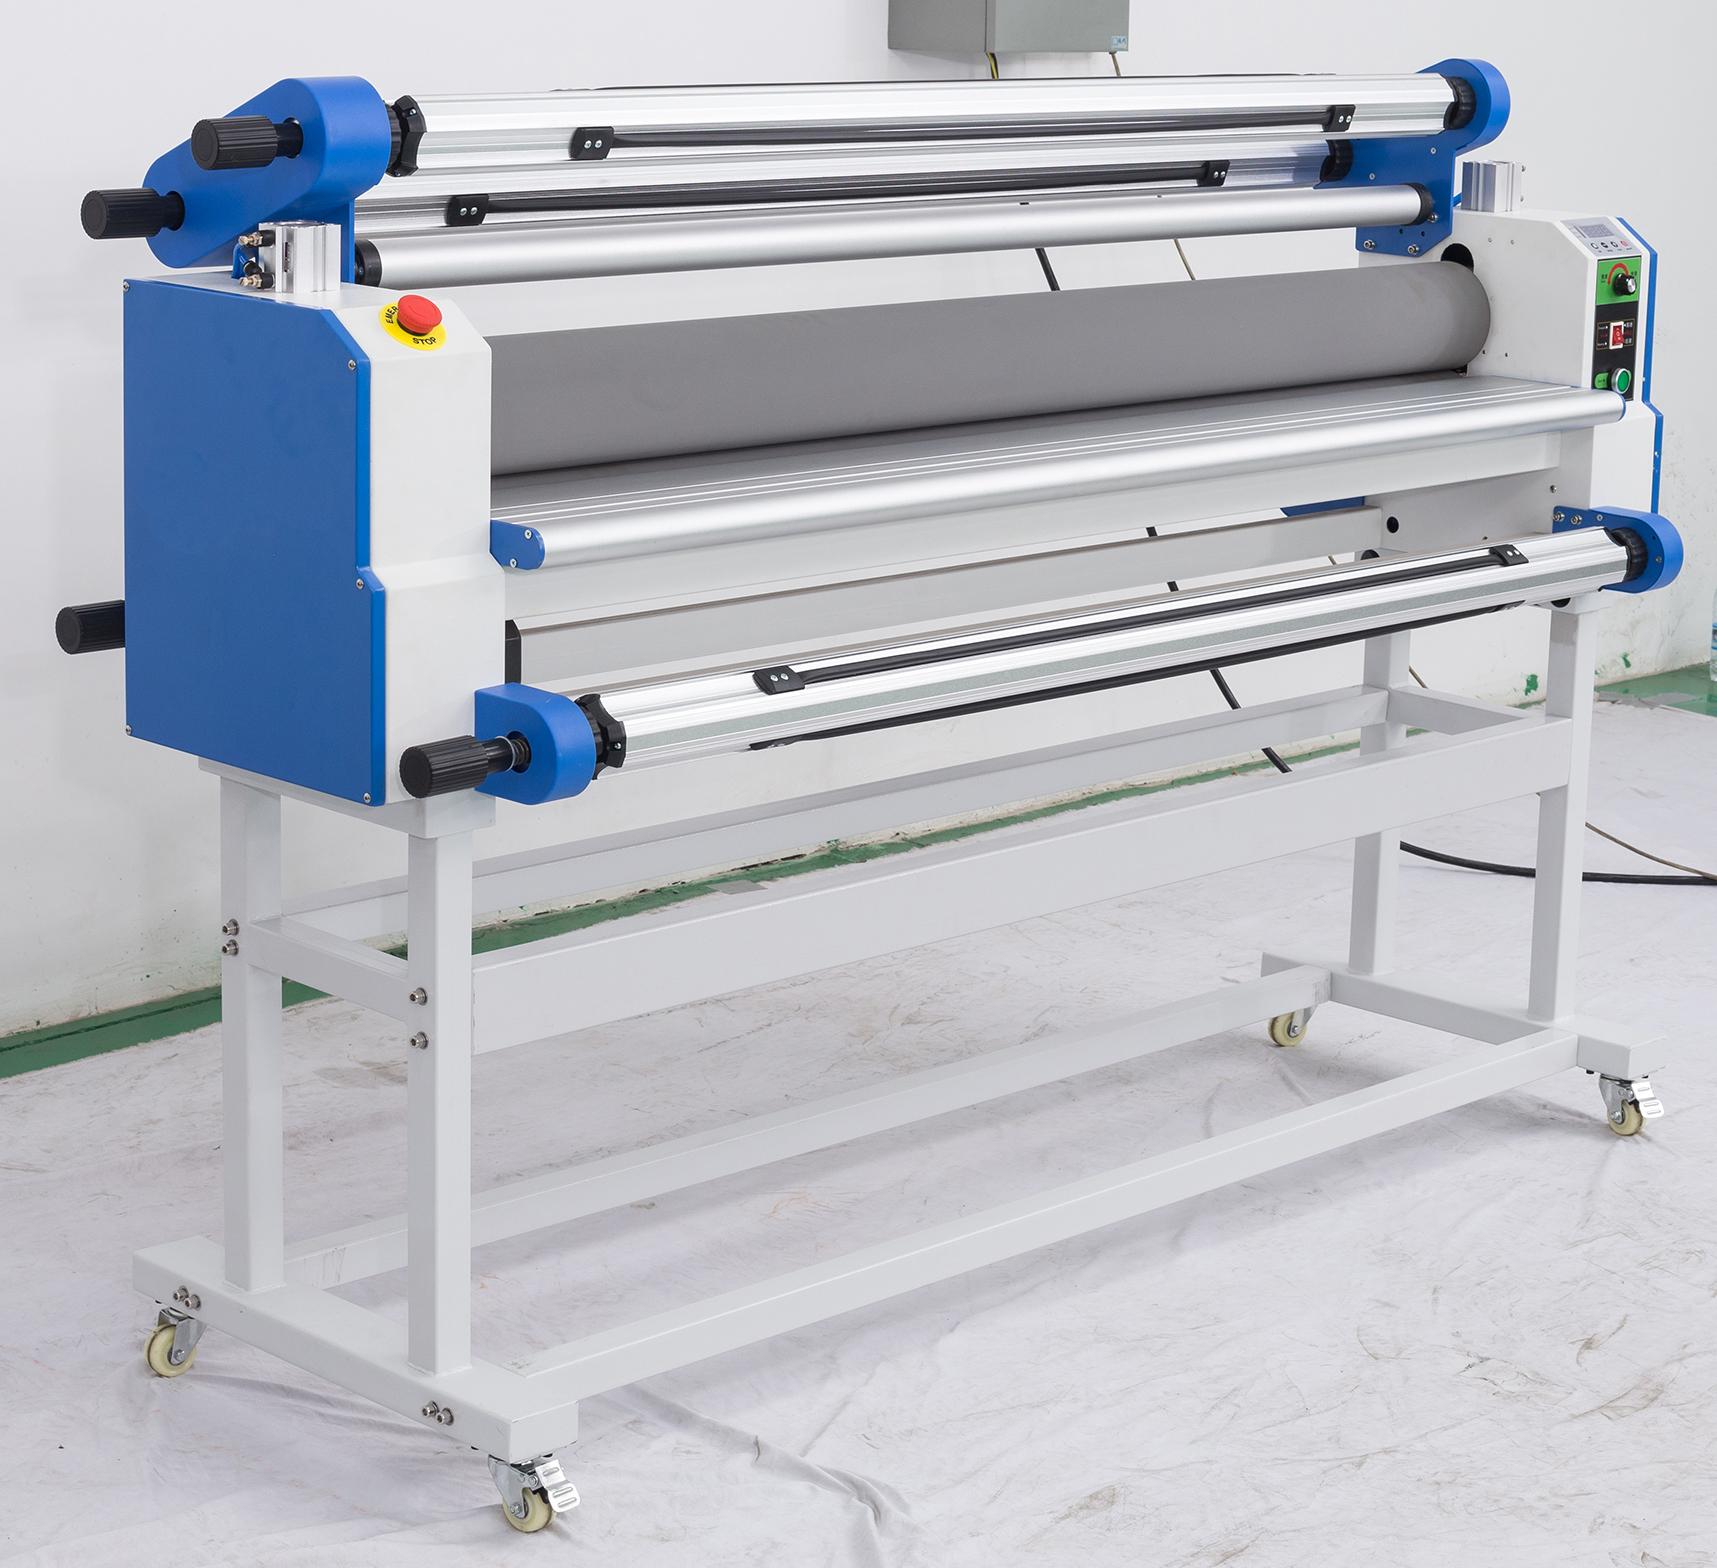 سعر المصنع 63 بوصة 1600 مللي متر 160 سنتيمتر 1600 واسعة كبيرة الحجم الكهربائية دليل لفة مصفح بارد